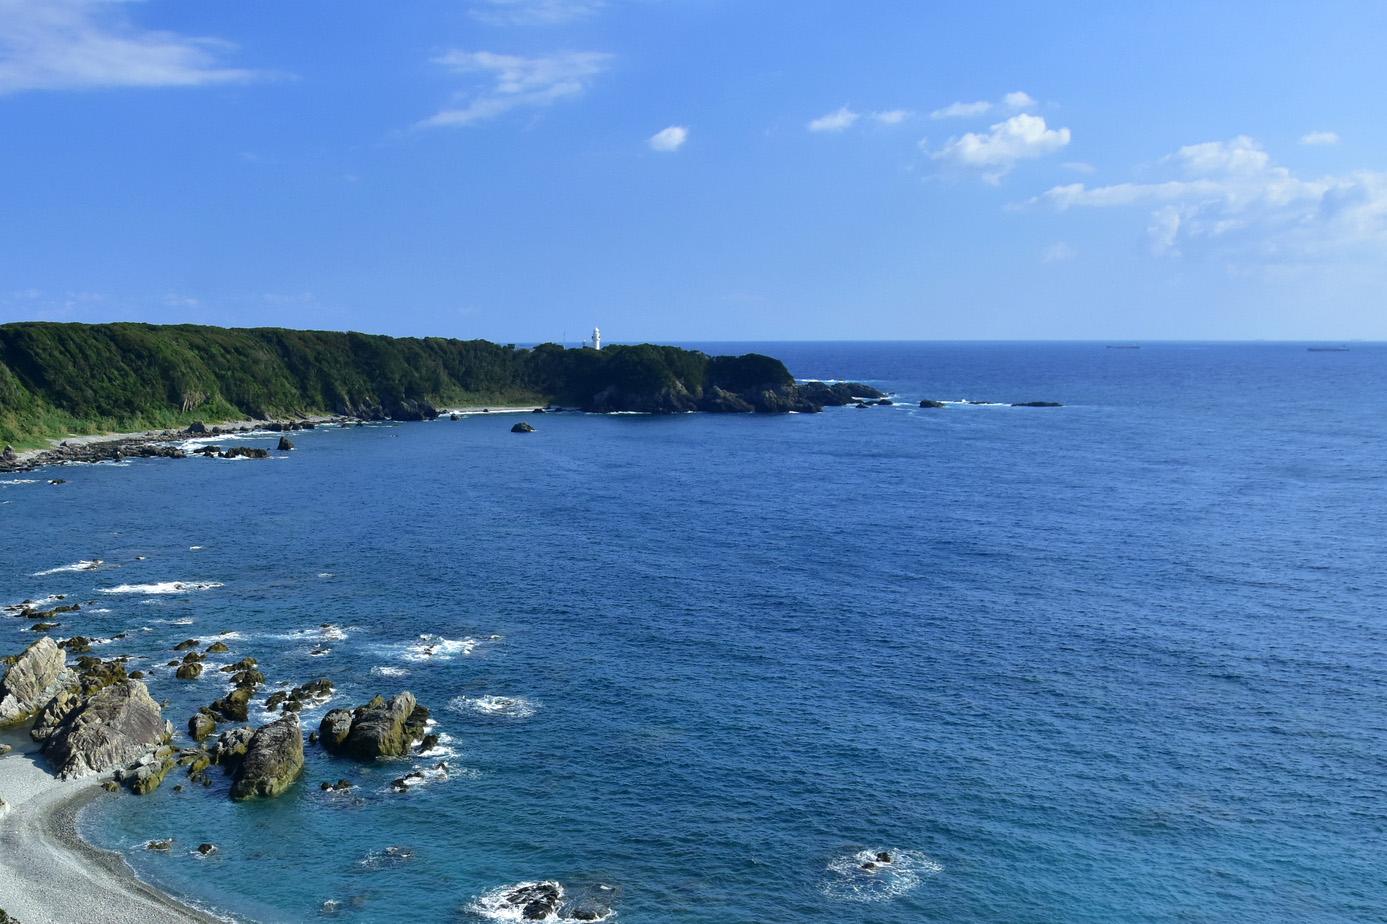 和歌山県潮岬沖での海洋散骨